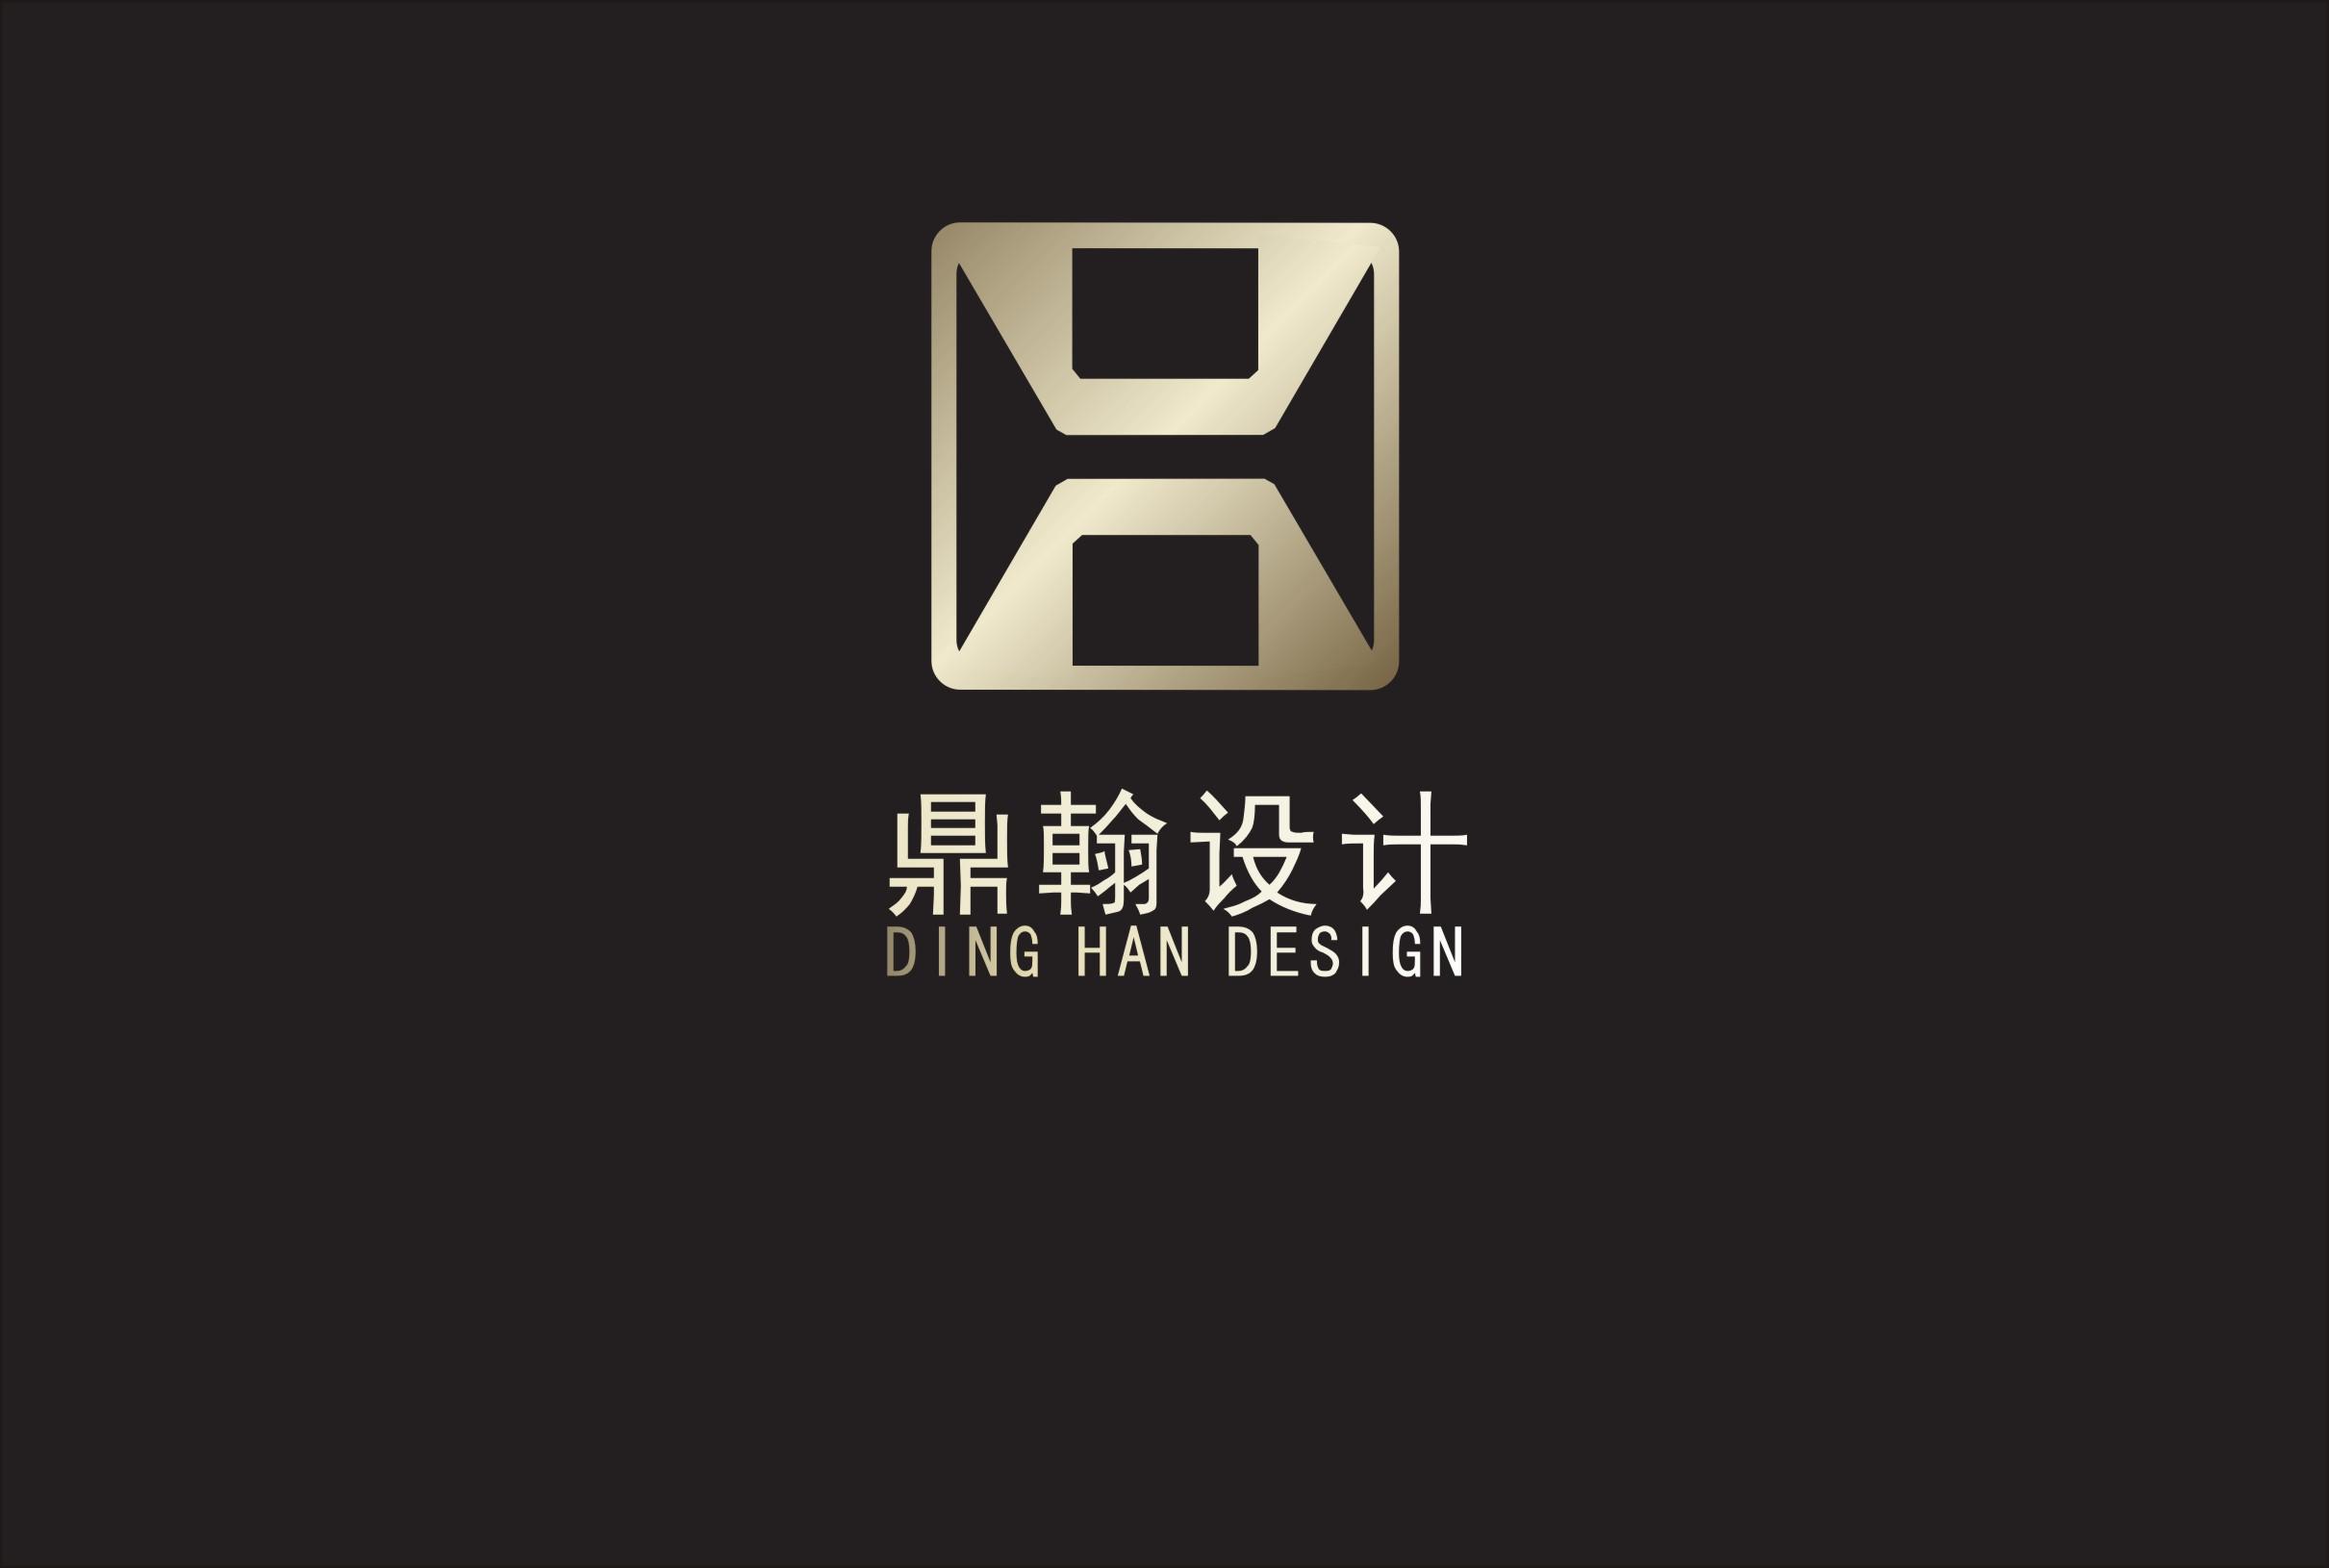 鼎瀚公司 logo设计